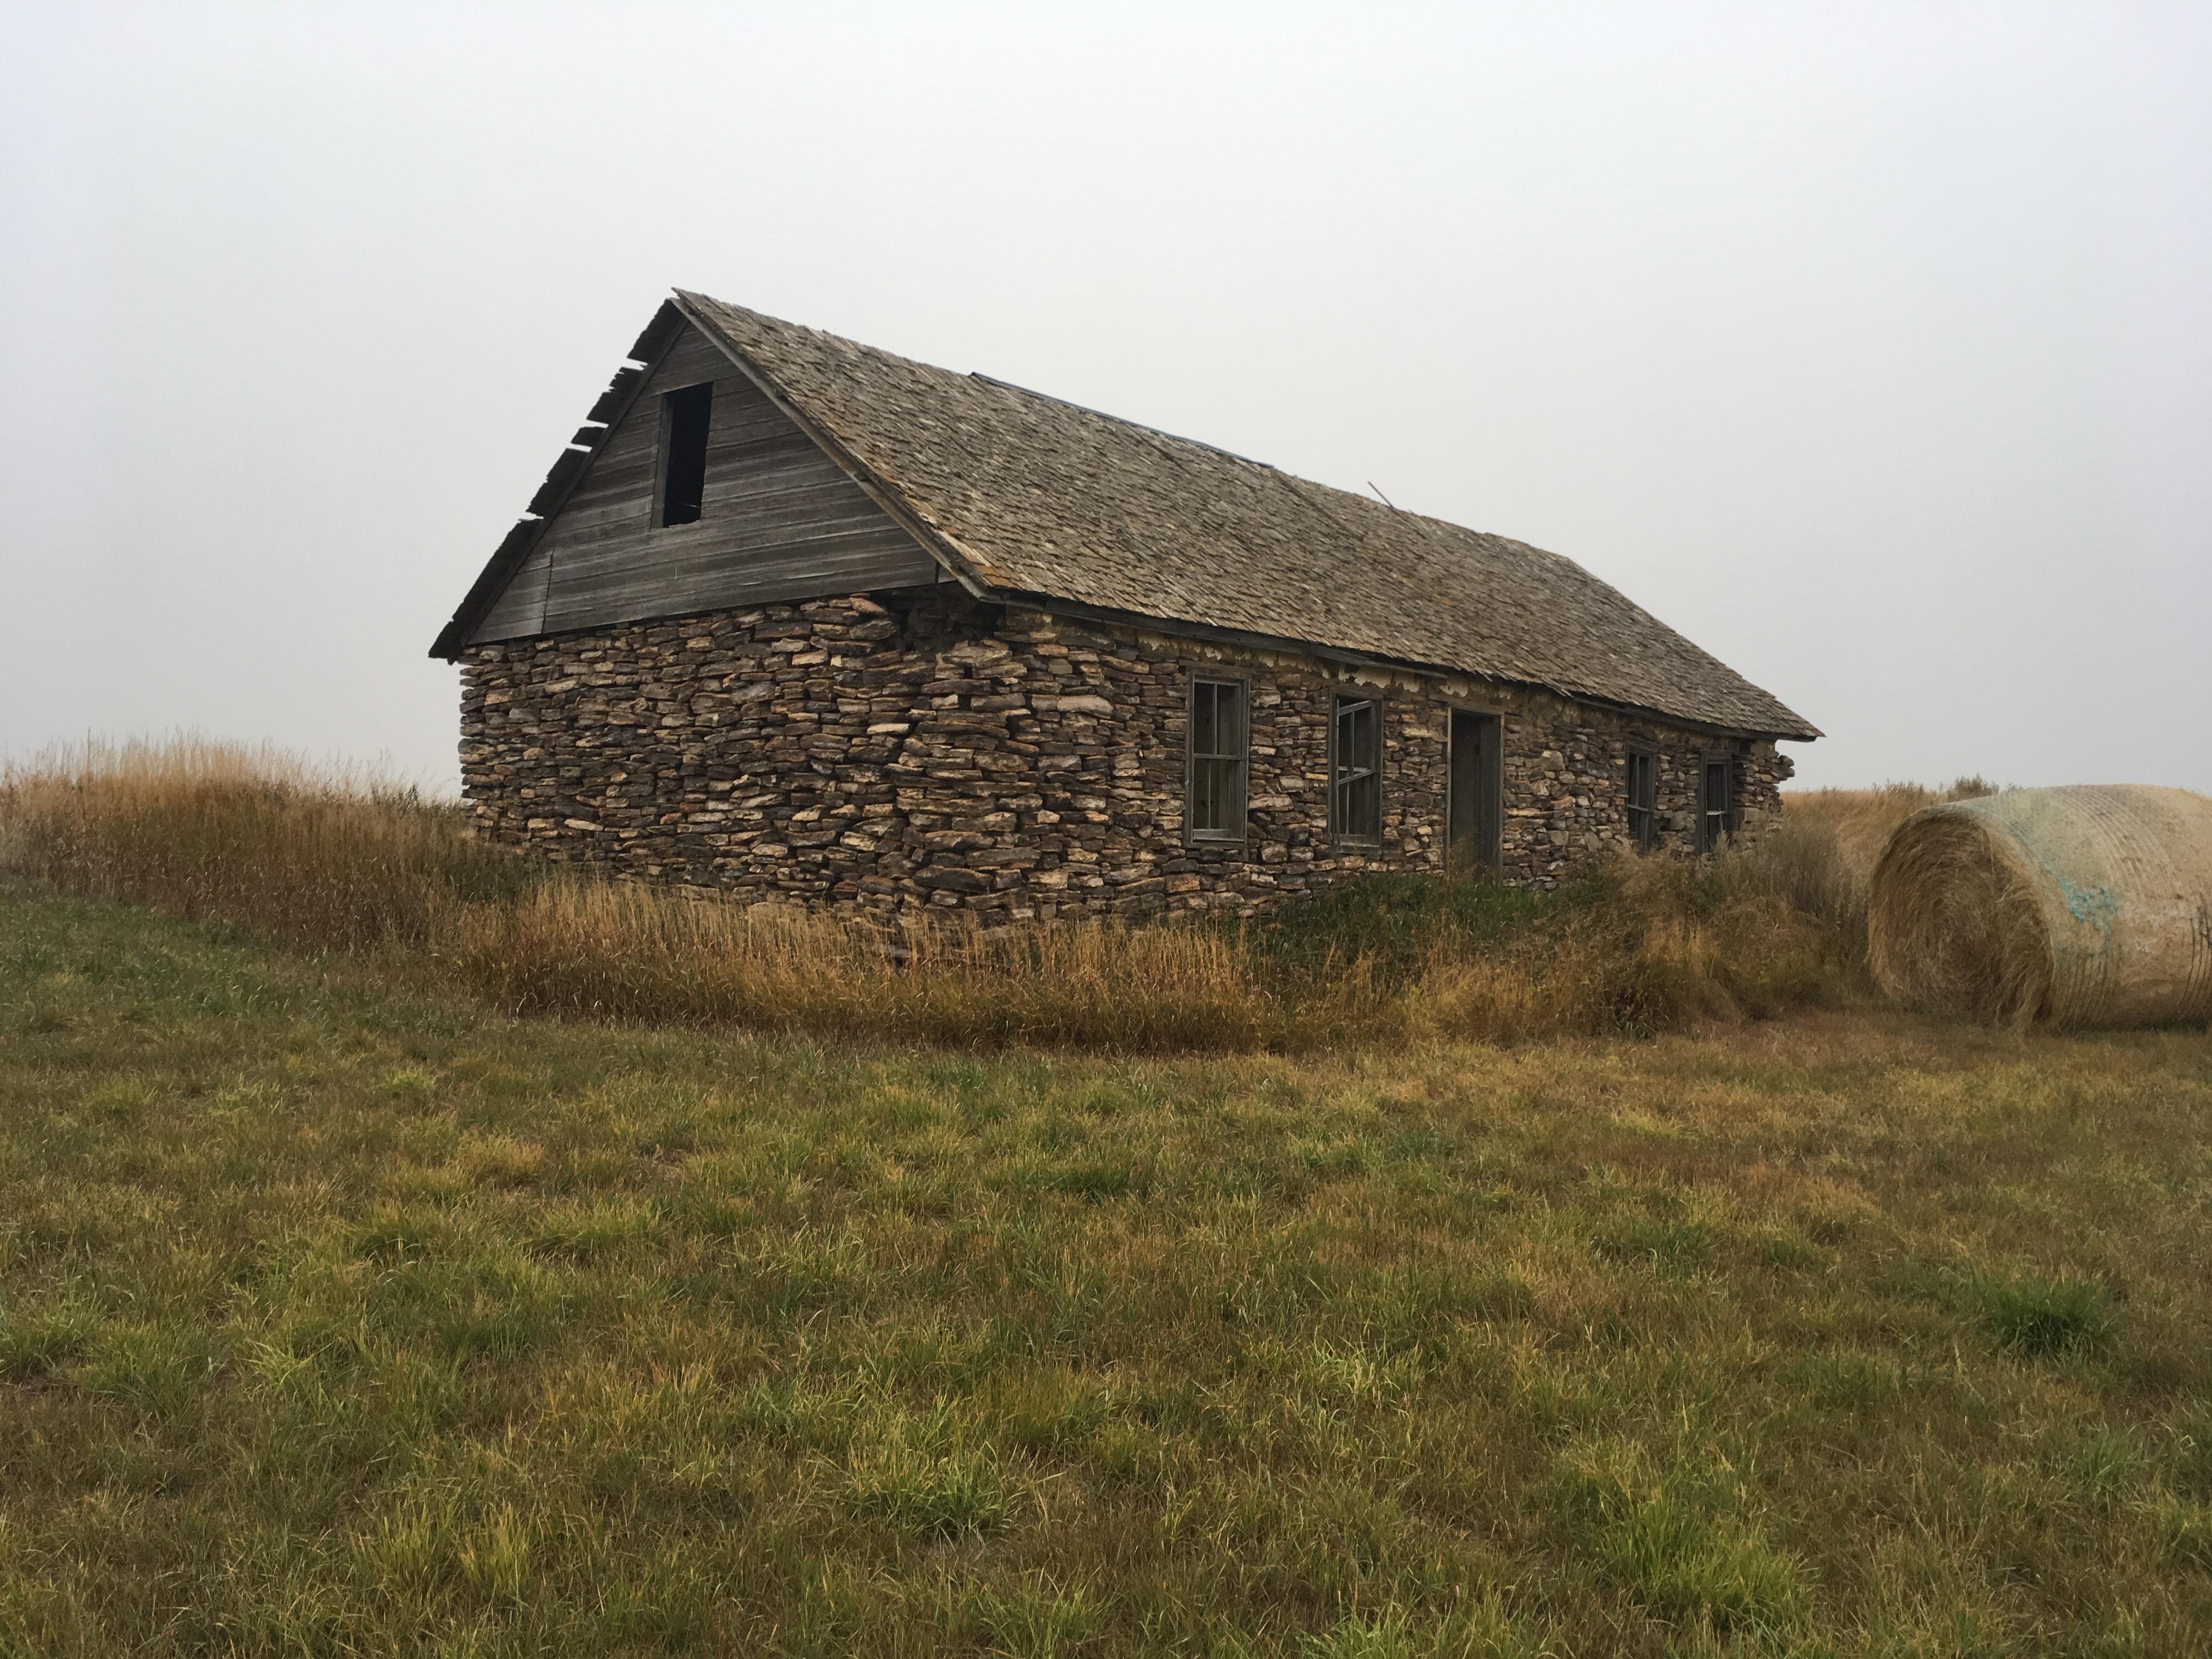 Fieldstone house